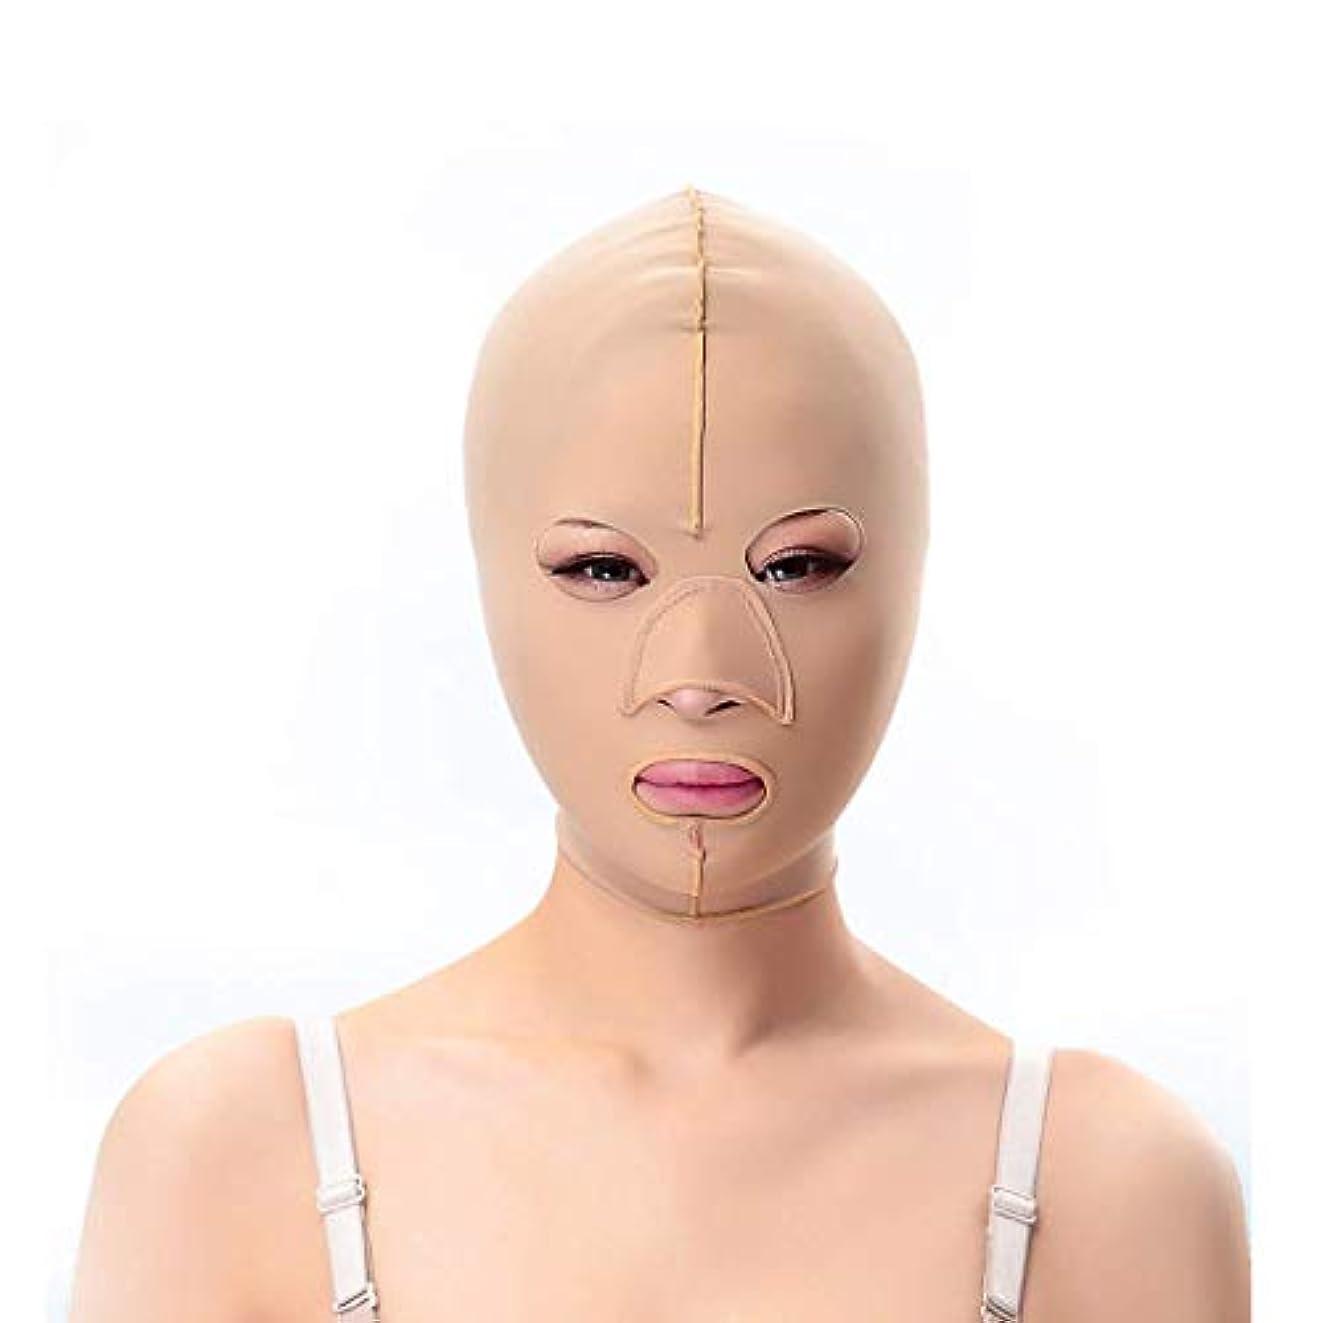 喜び煙同時スリミングベルト、二重あごの引き締め顔のプラスチックフェイスアーティファクト強力なフェイス包帯を脇に持ち上げるパターンを欺くためのフェイシャルマスクシンフェイスマスク(サイズ:L),XXL